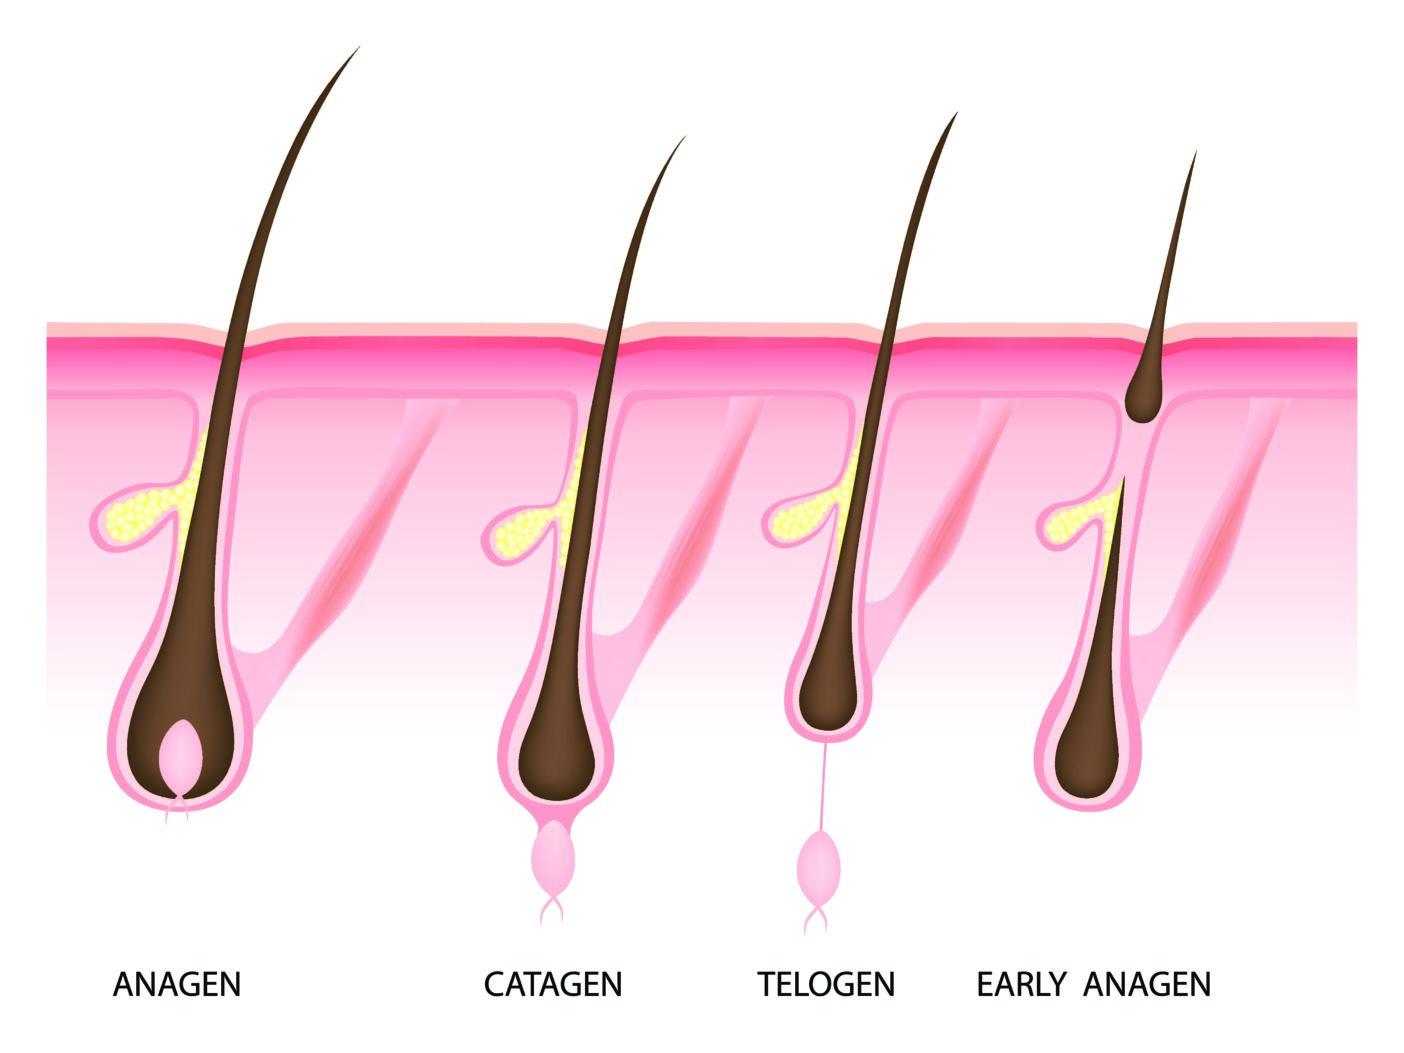 Wachstum der Haare, Telogen, Anagen